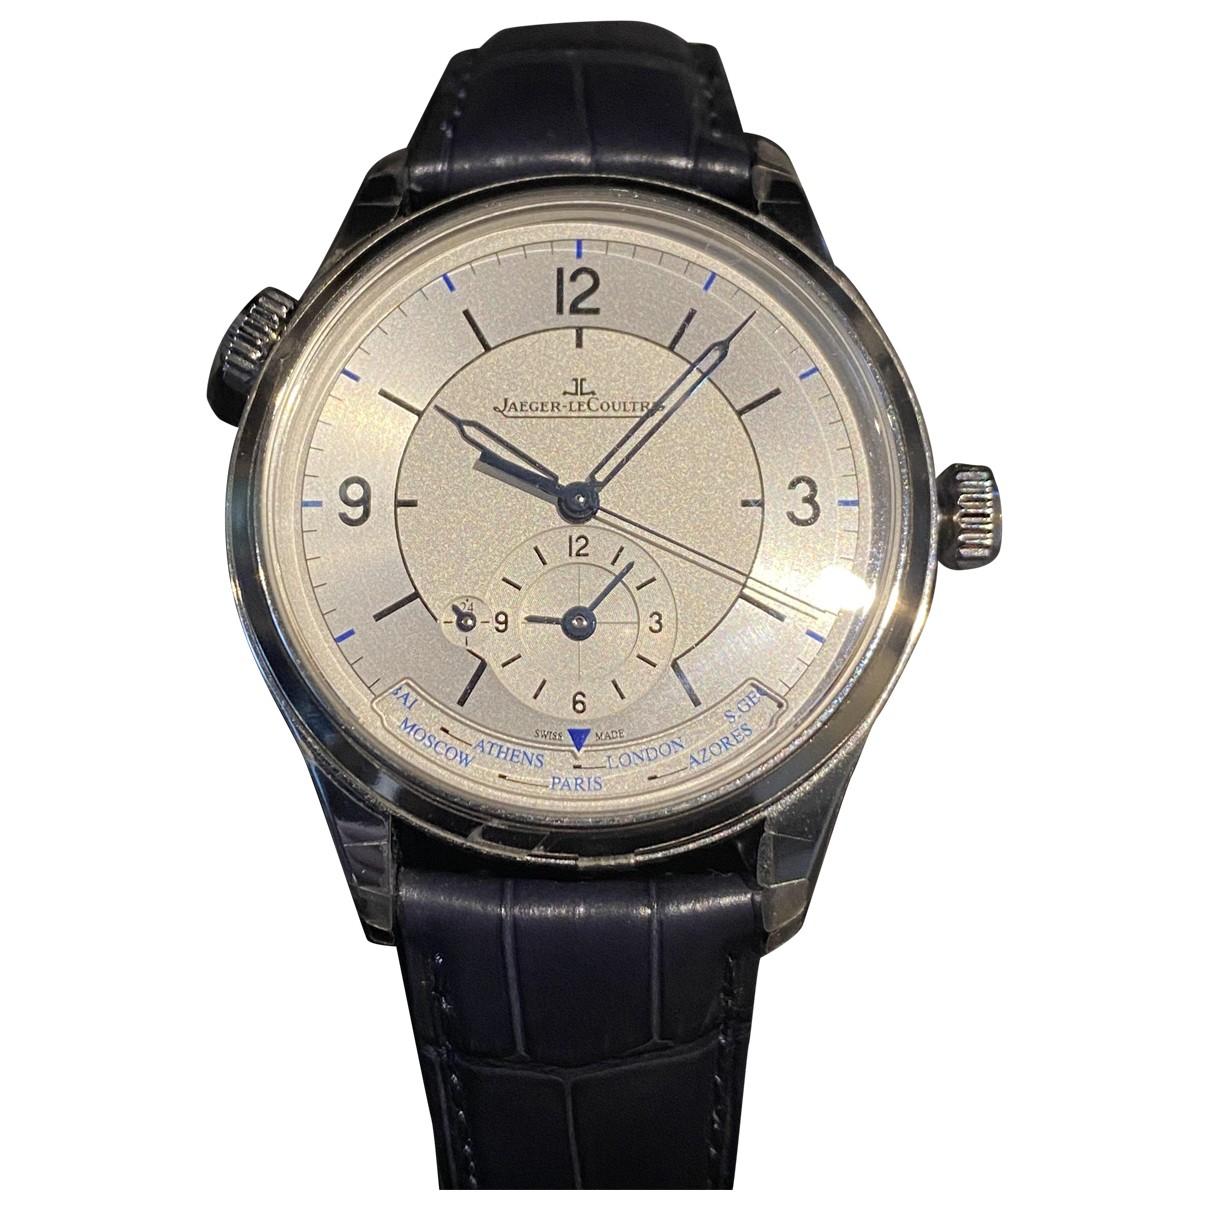 Relojes Jaeger-lecoultre